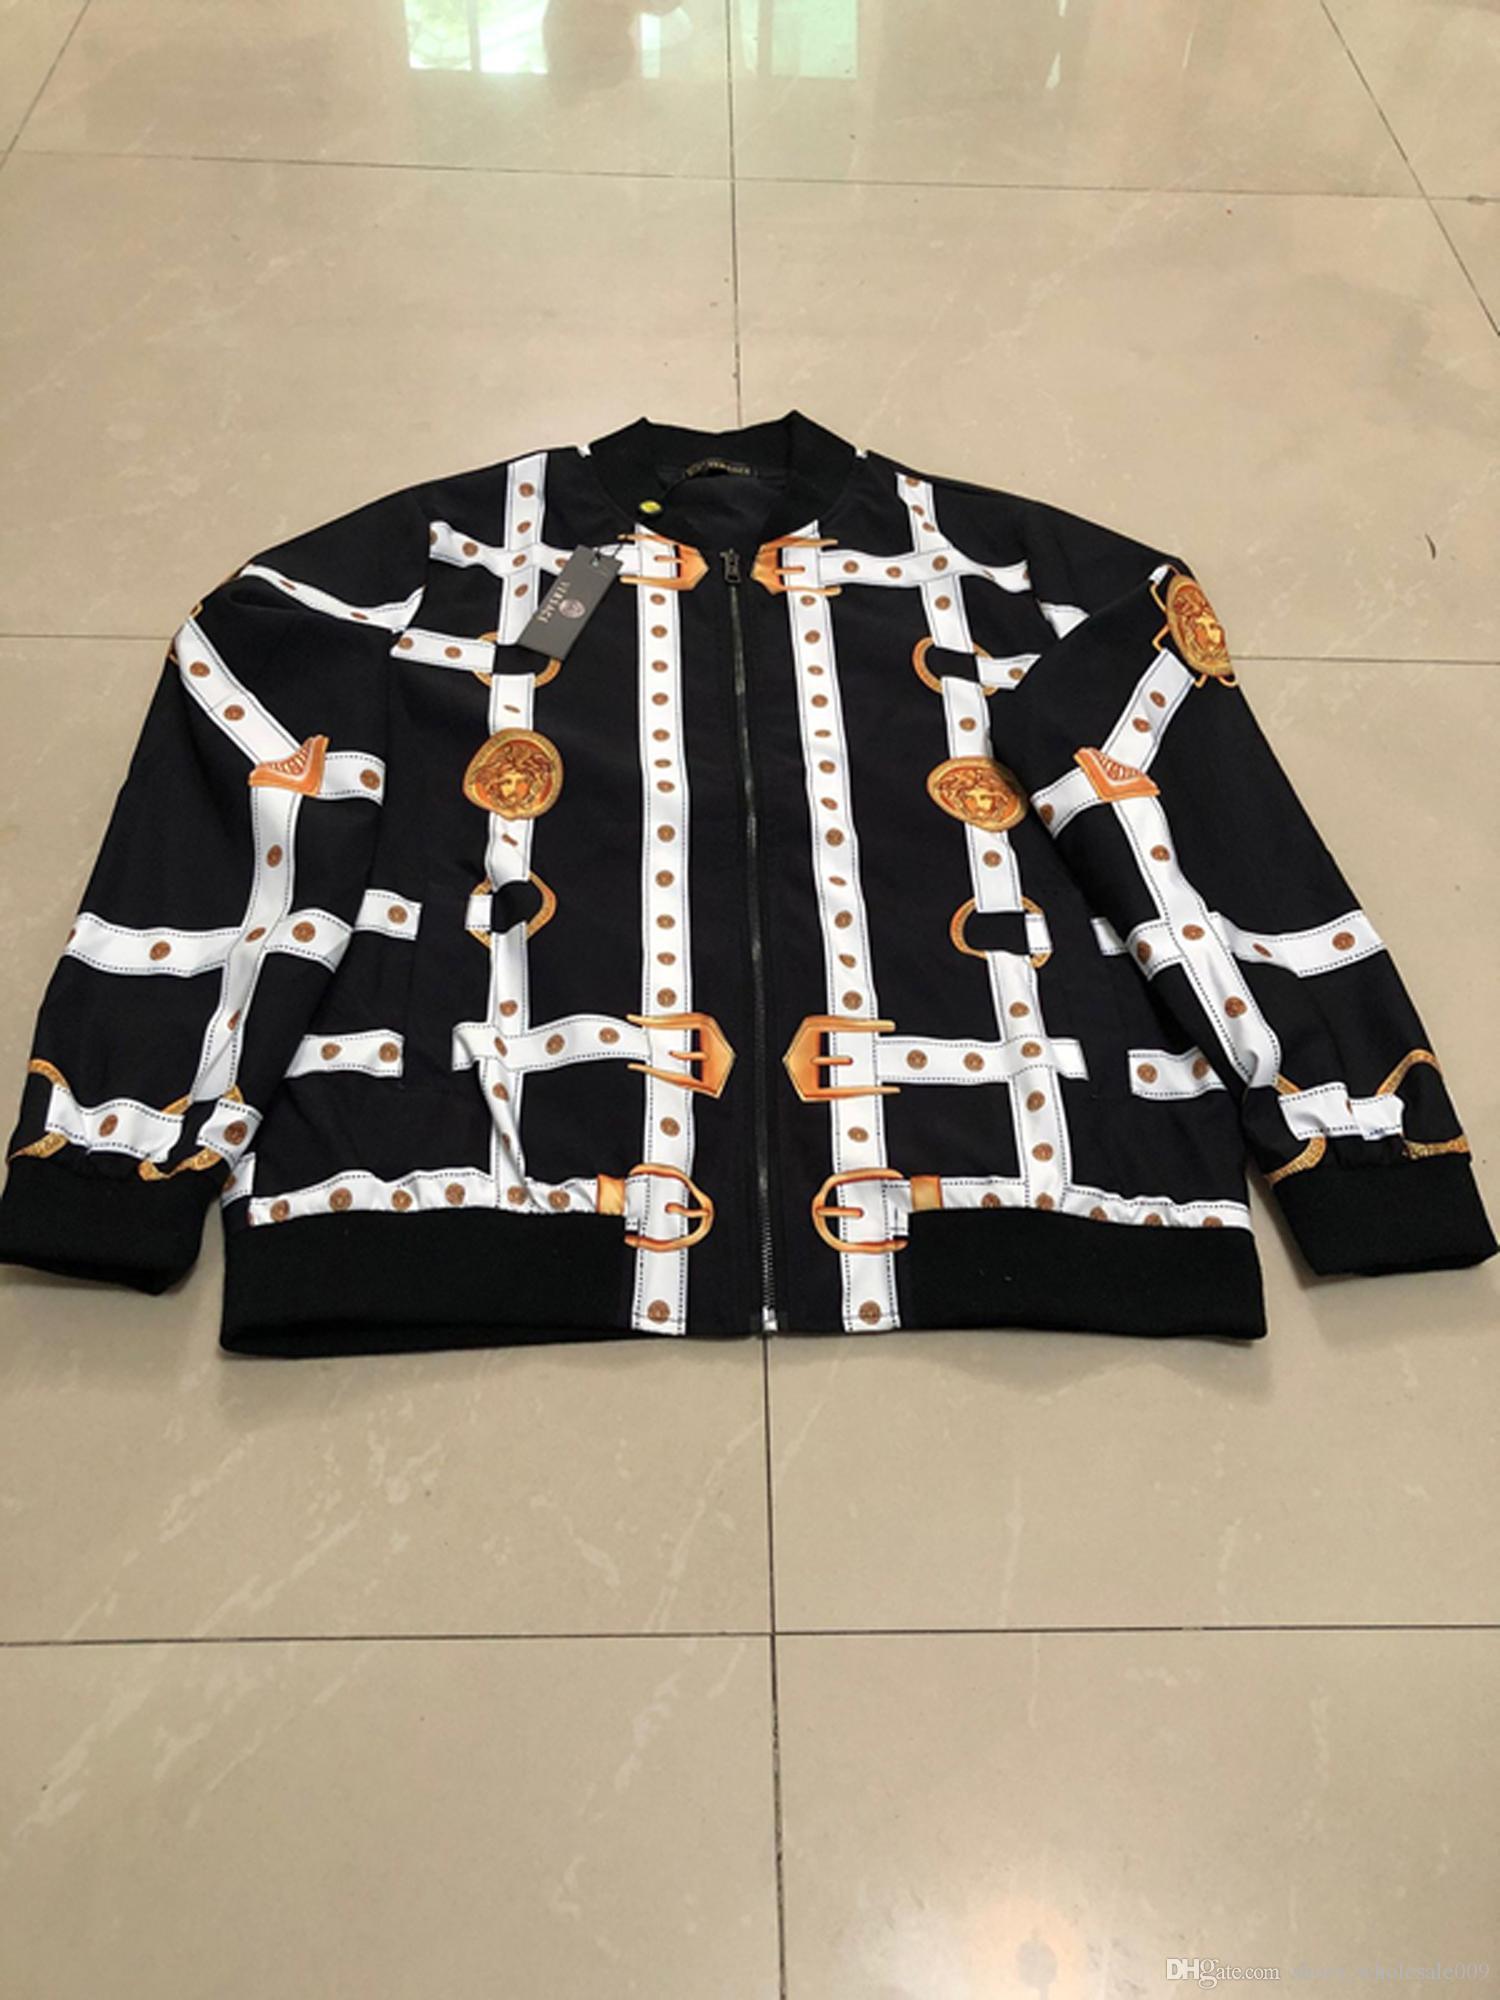 VERSA al por mayor del bordado de los hombres capa de la chaqueta del hombre de Hip Hop de Calle OFF Hombres chaqueta PALM Escudo Bombardero de ropa ÁNGELES zapatos blancos del deslizador 03